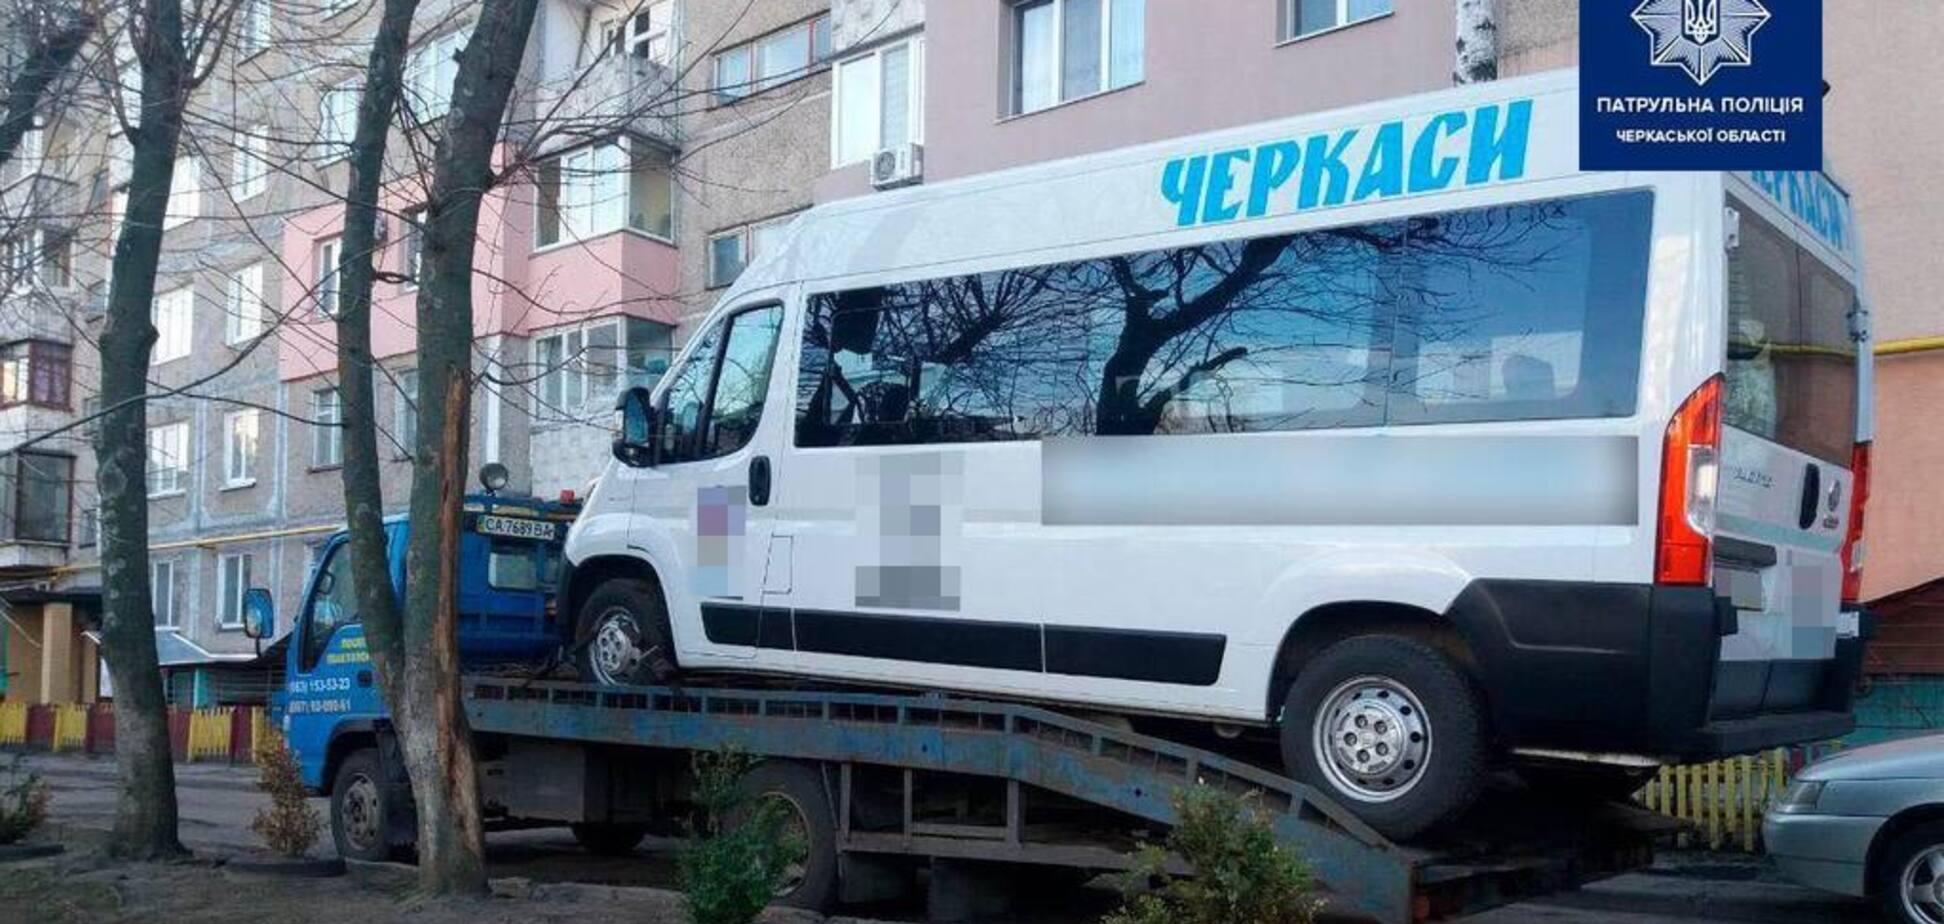 Не проездило даже месяц: в Черкассах новое 'Инватакси' попало аварию из-за пьяного водителя. Фото